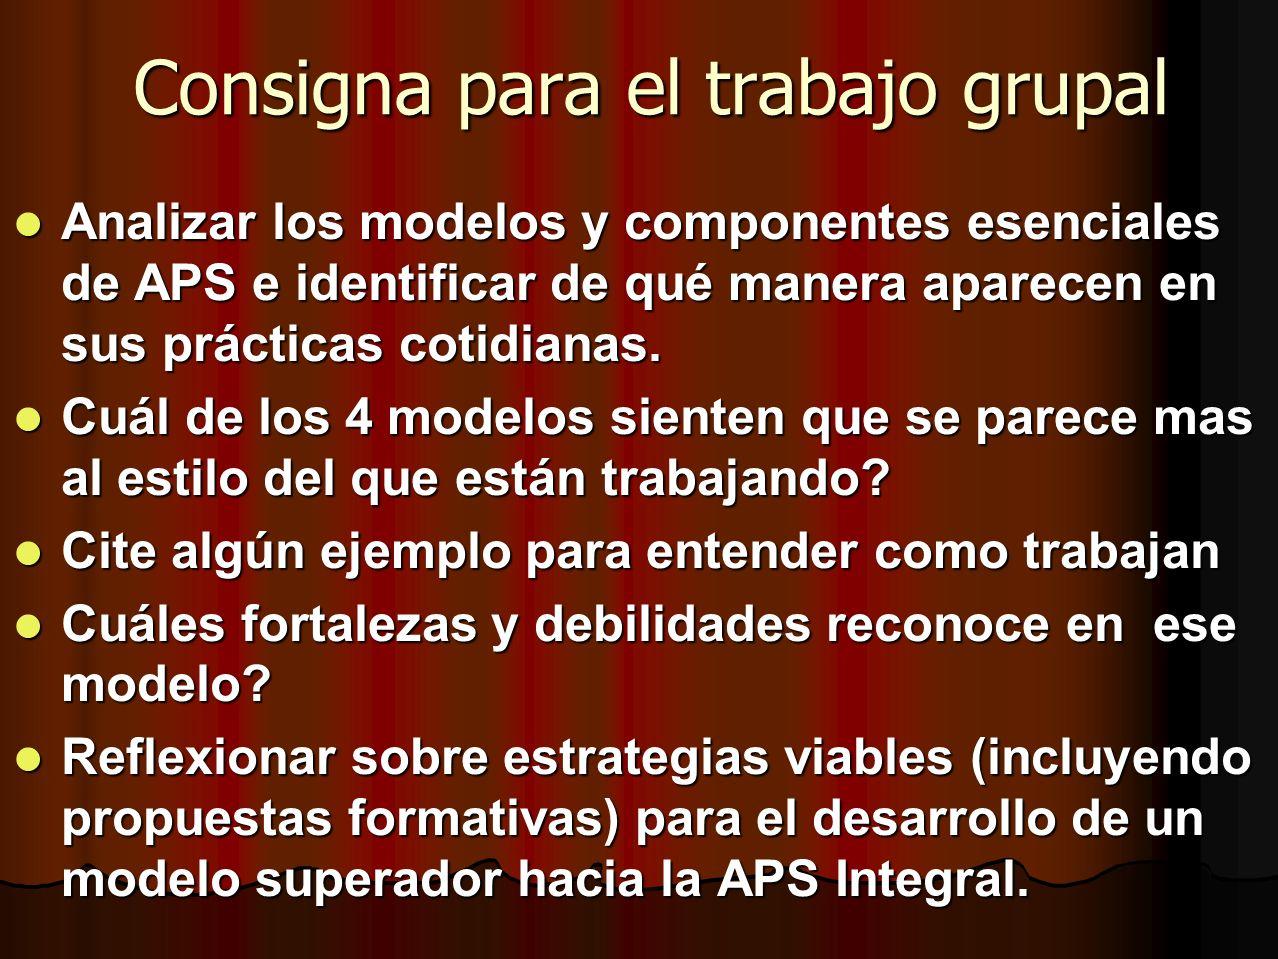 Consigna para el trabajo grupal Analizar los modelos y componentes esenciales de APS e identificar de qué manera aparecen en sus prácticas cotidianas.